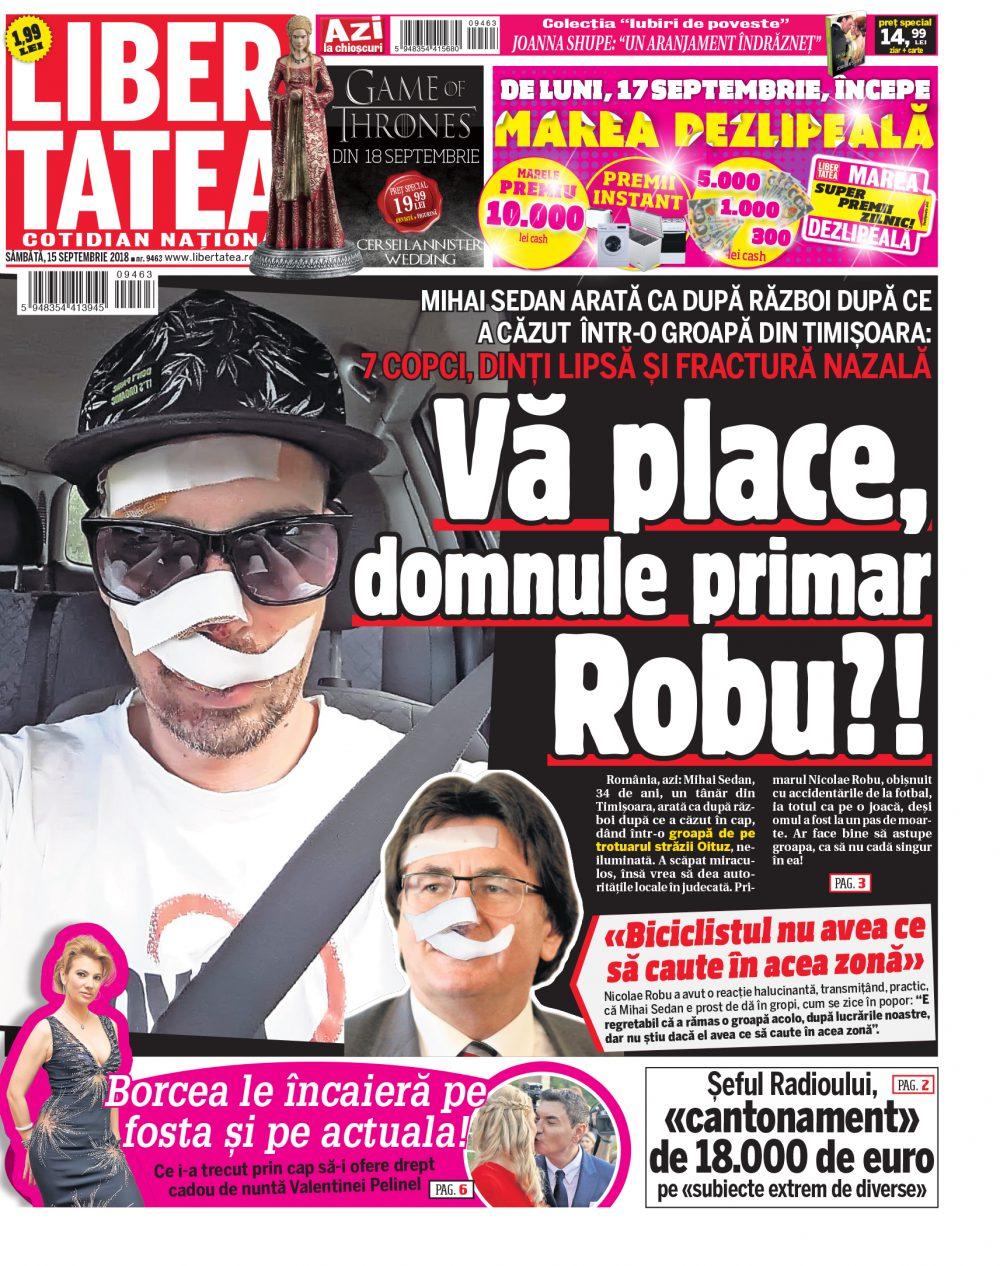 Domnule primar Robu, aveți grijă când mergeți cu bicicleta prin Timișoara! Puteți ajunge așa, ca tânărul care a căzut în groapa de pe trotuar